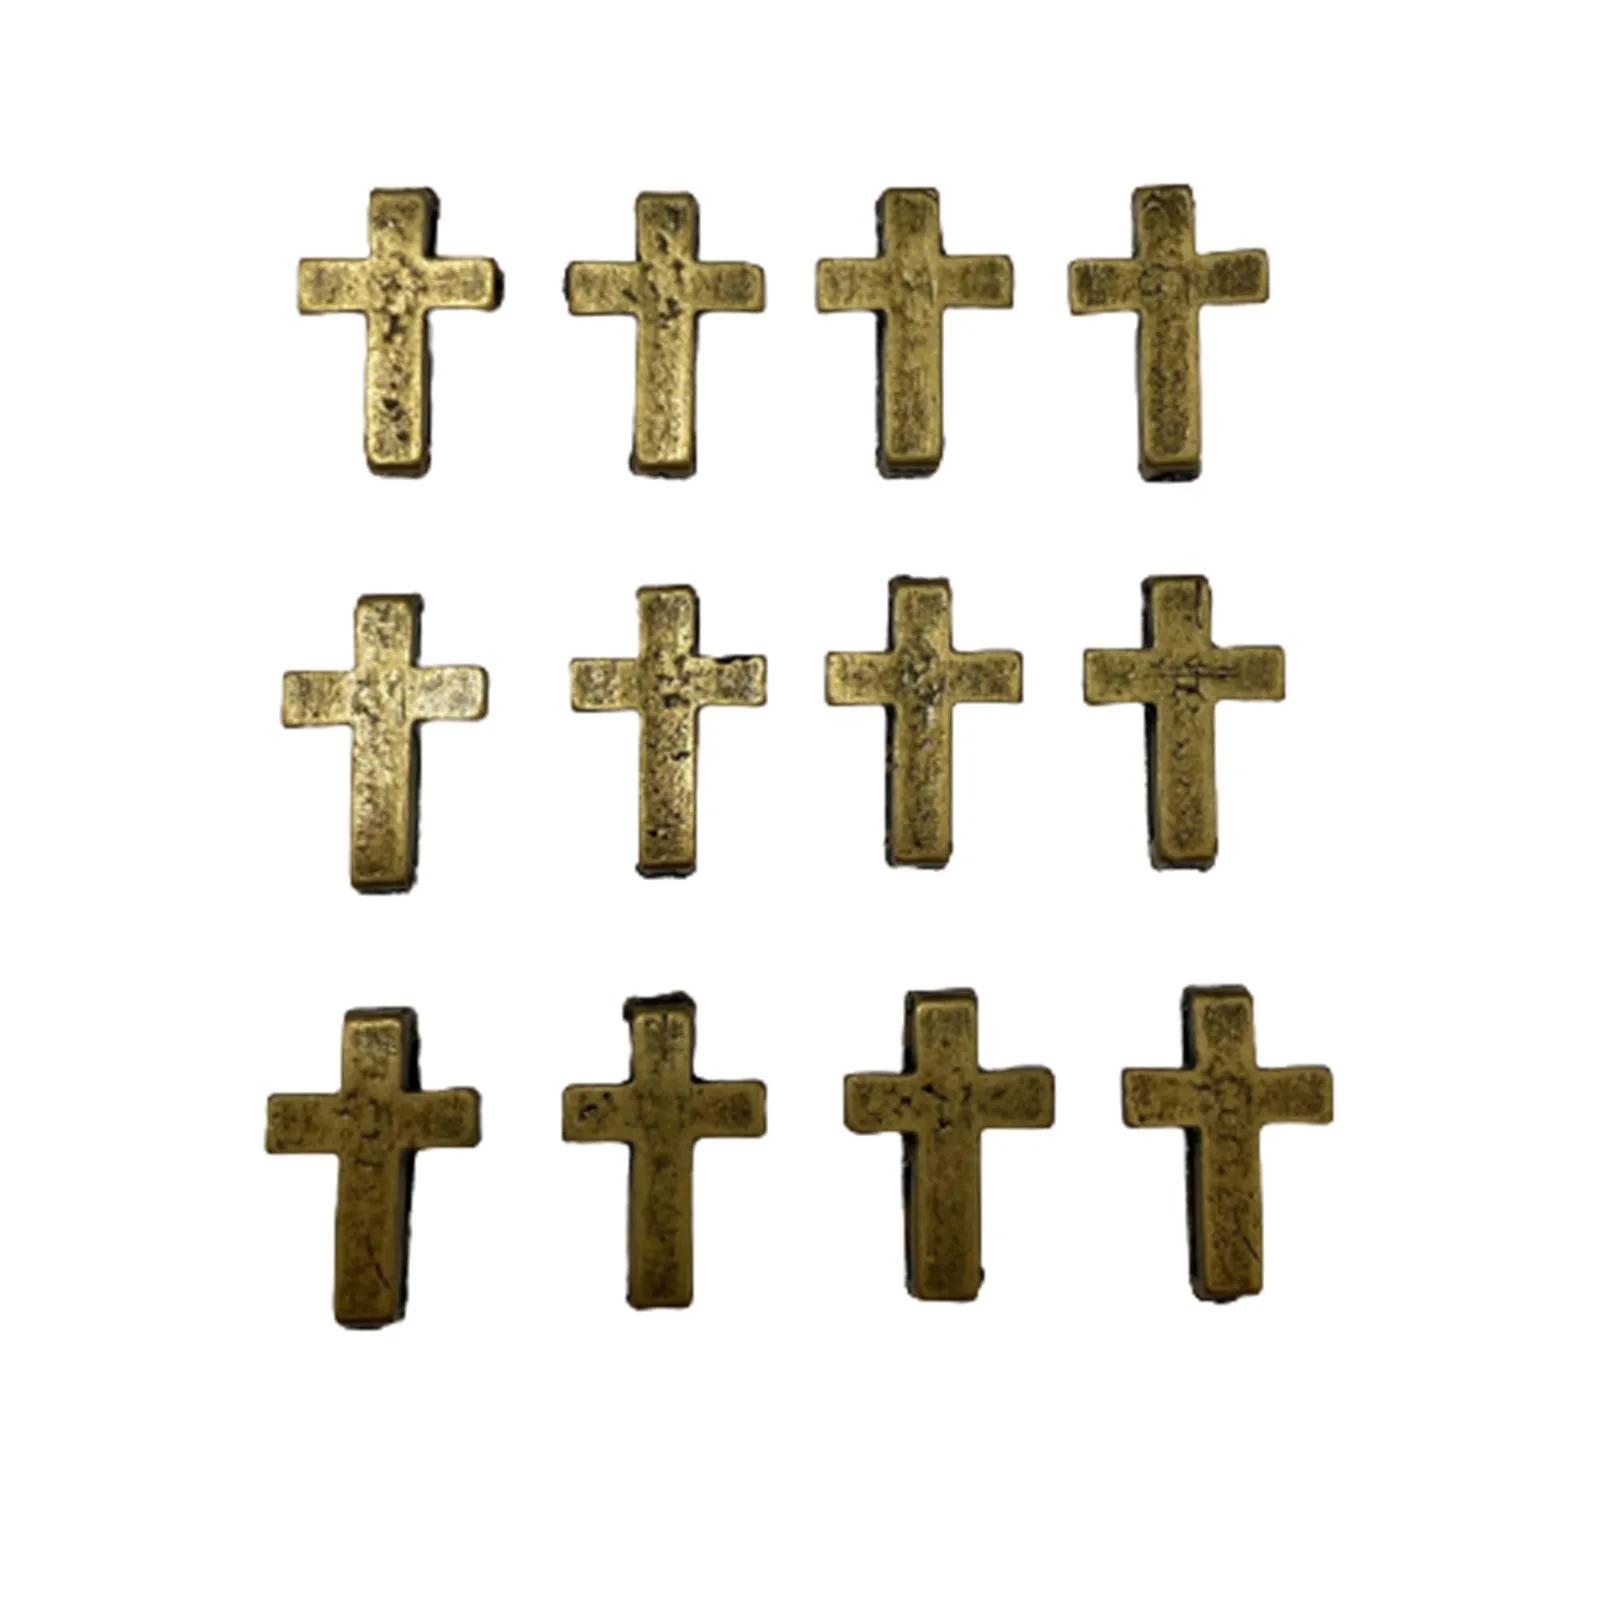 Cruz de Metal 9x8cm Ouro Velho - 5 unidades